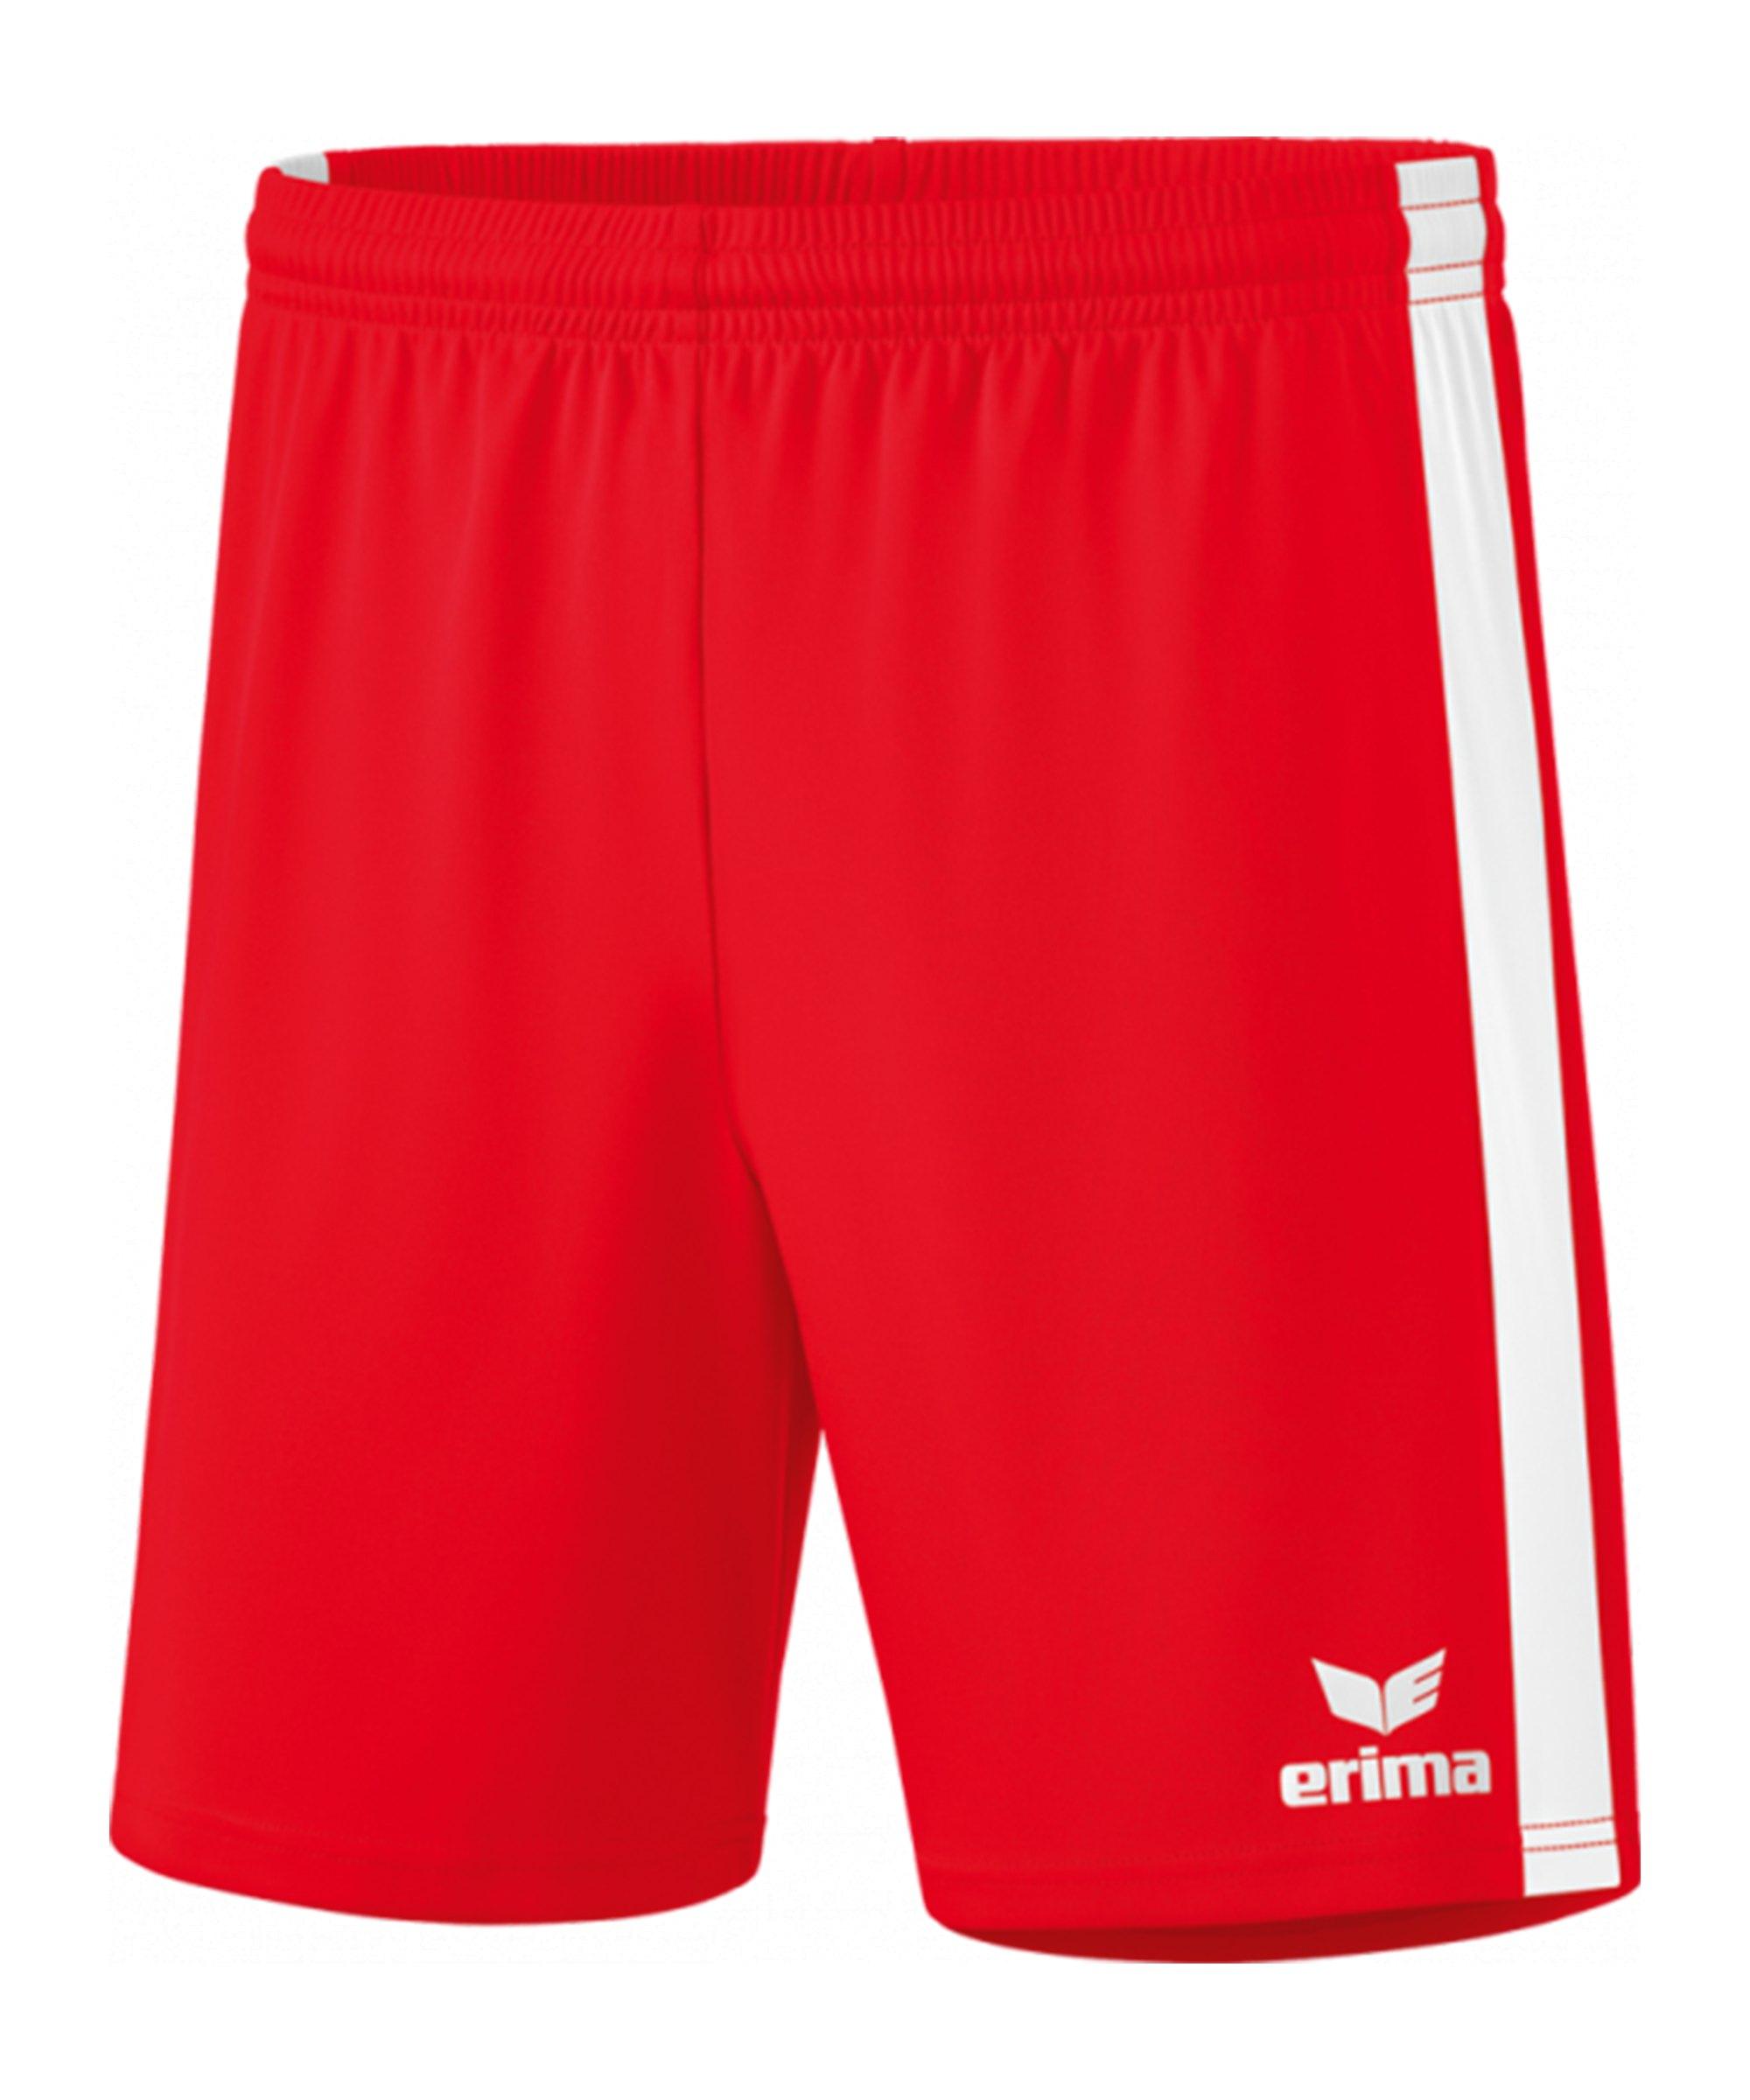 Erima Retro Star Short Rot Weiss - rot